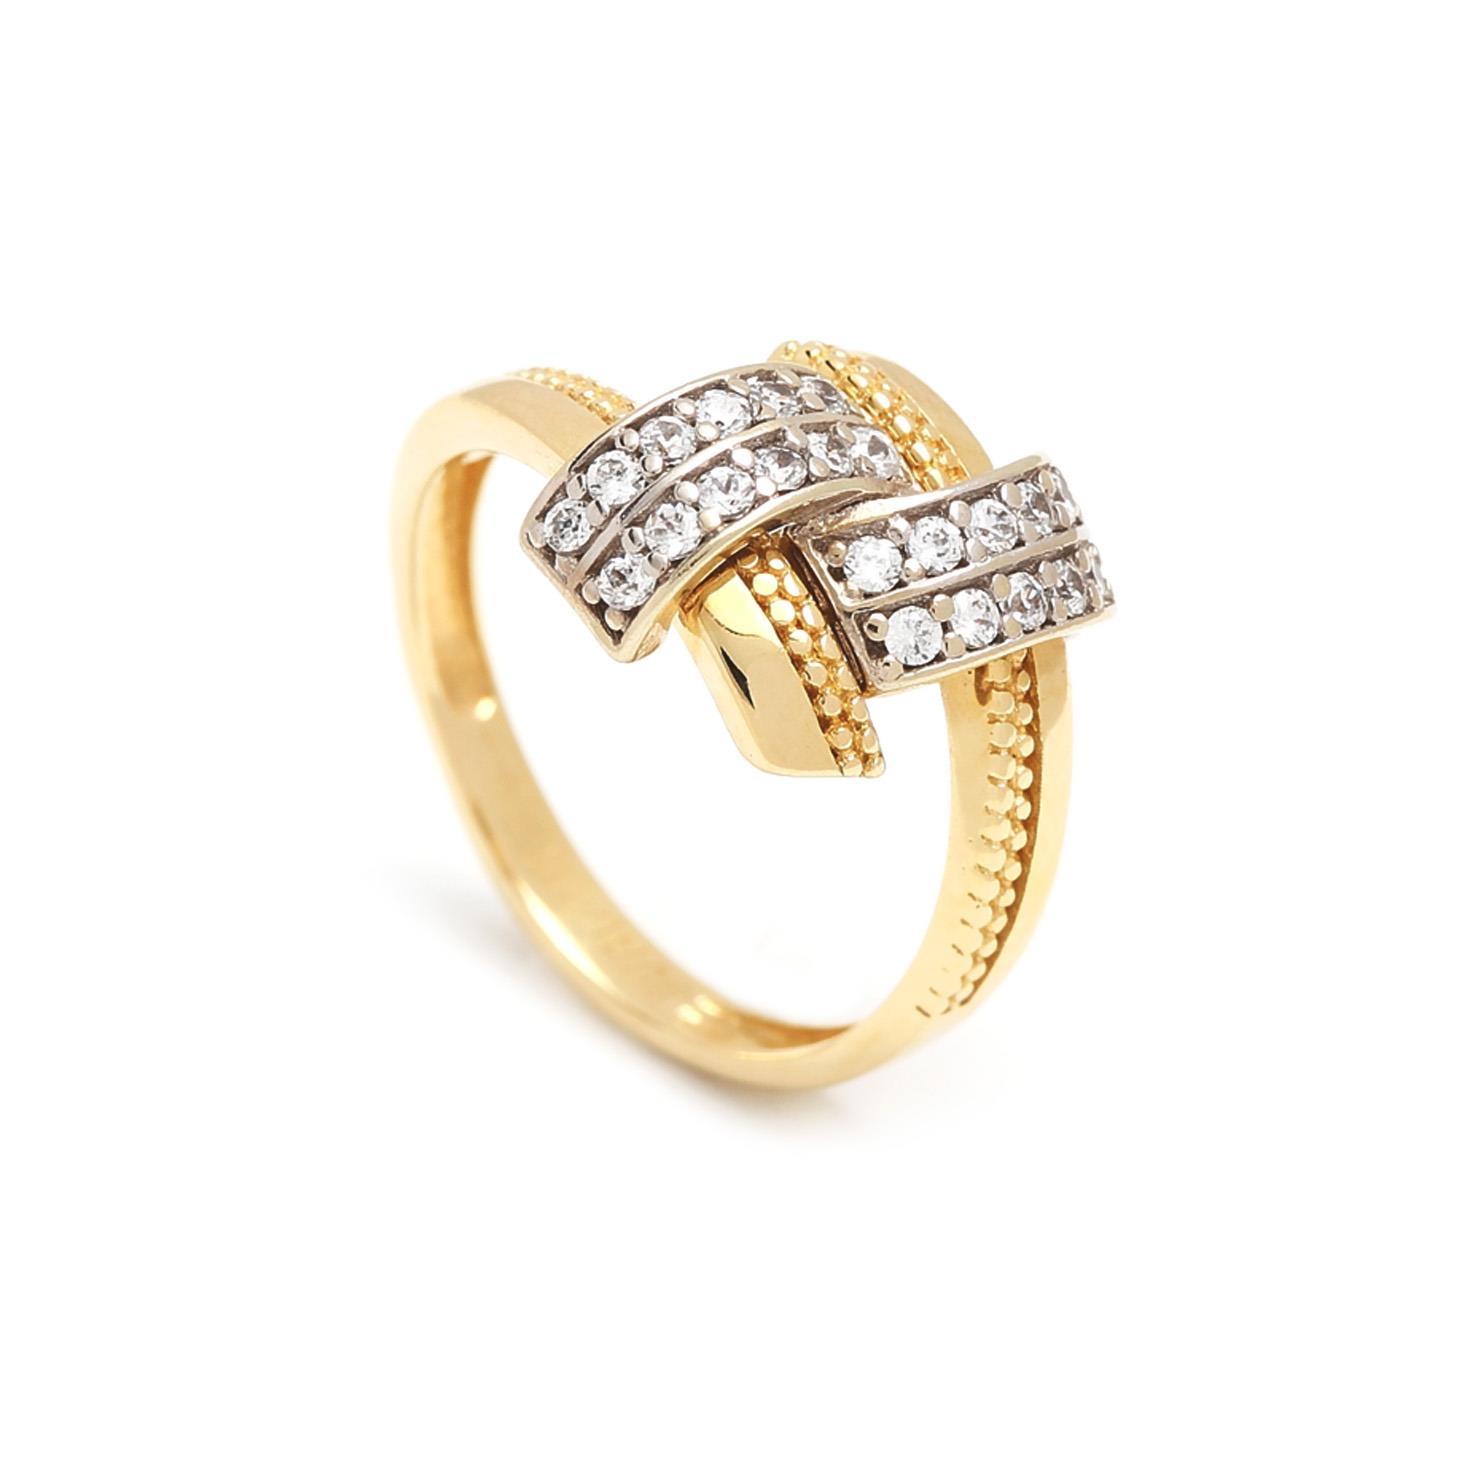 Zlatý dámsky prsteň DONATELLA